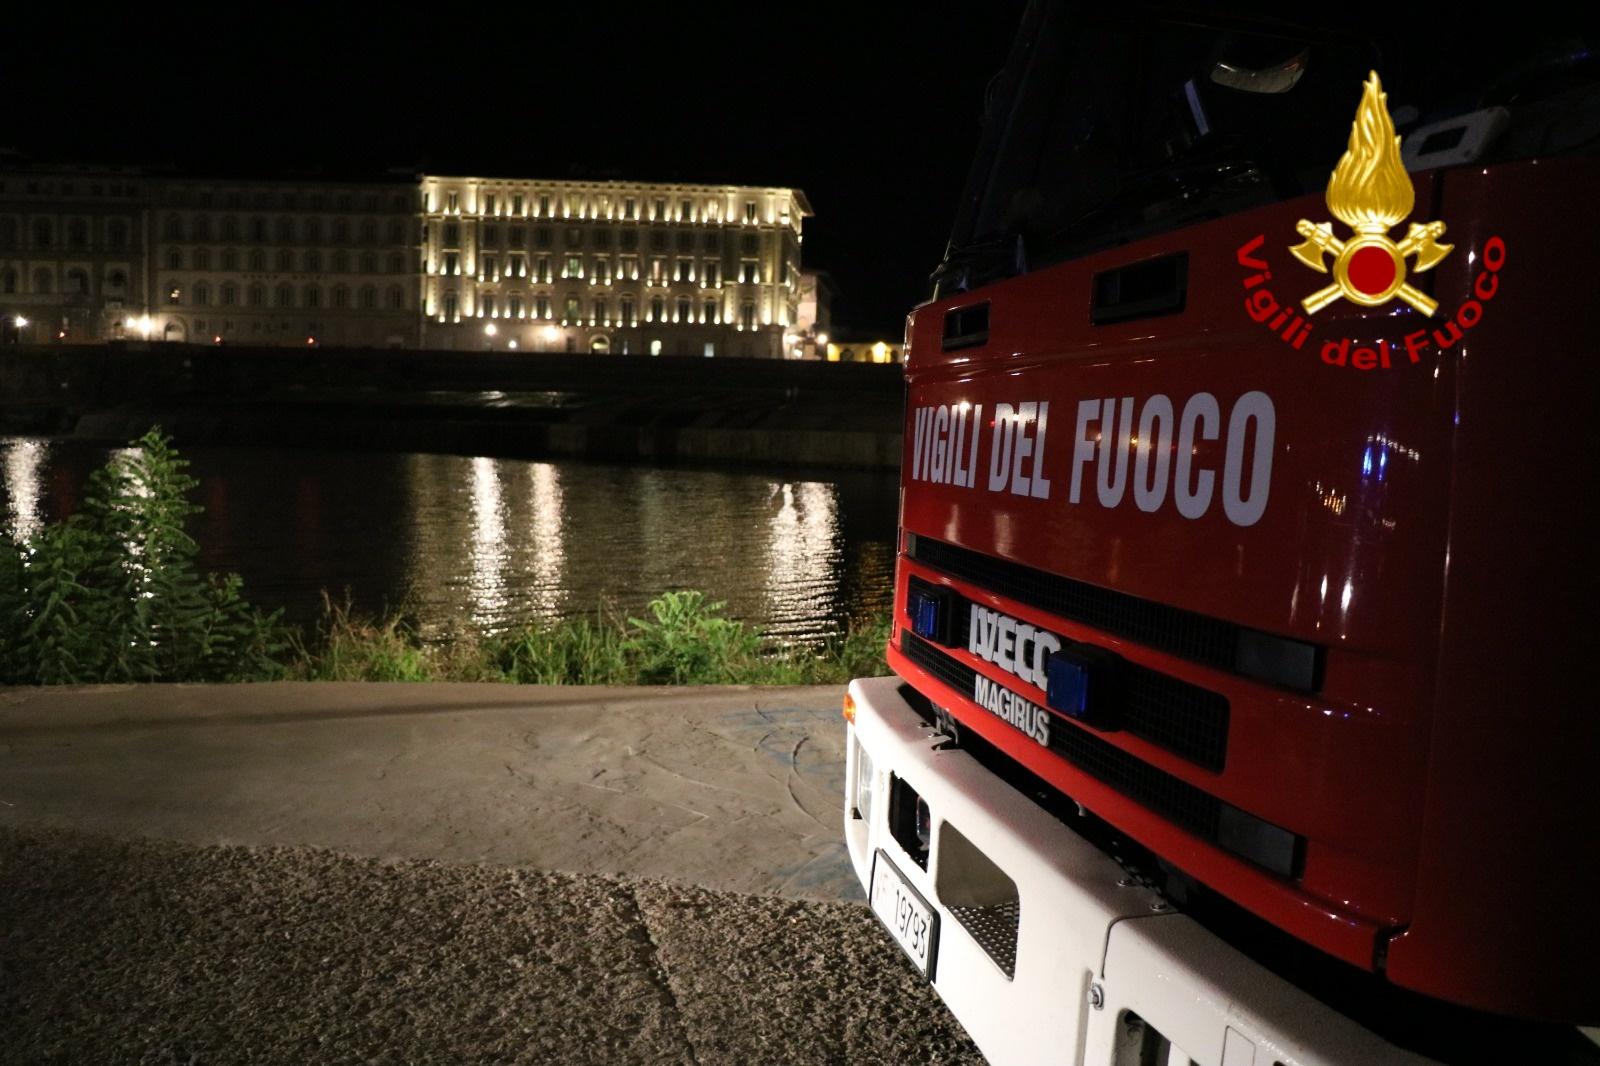 Si tuffa in Arno, nuota e sparisce: ritrovato dopo ore mentre cammina nudo in centro